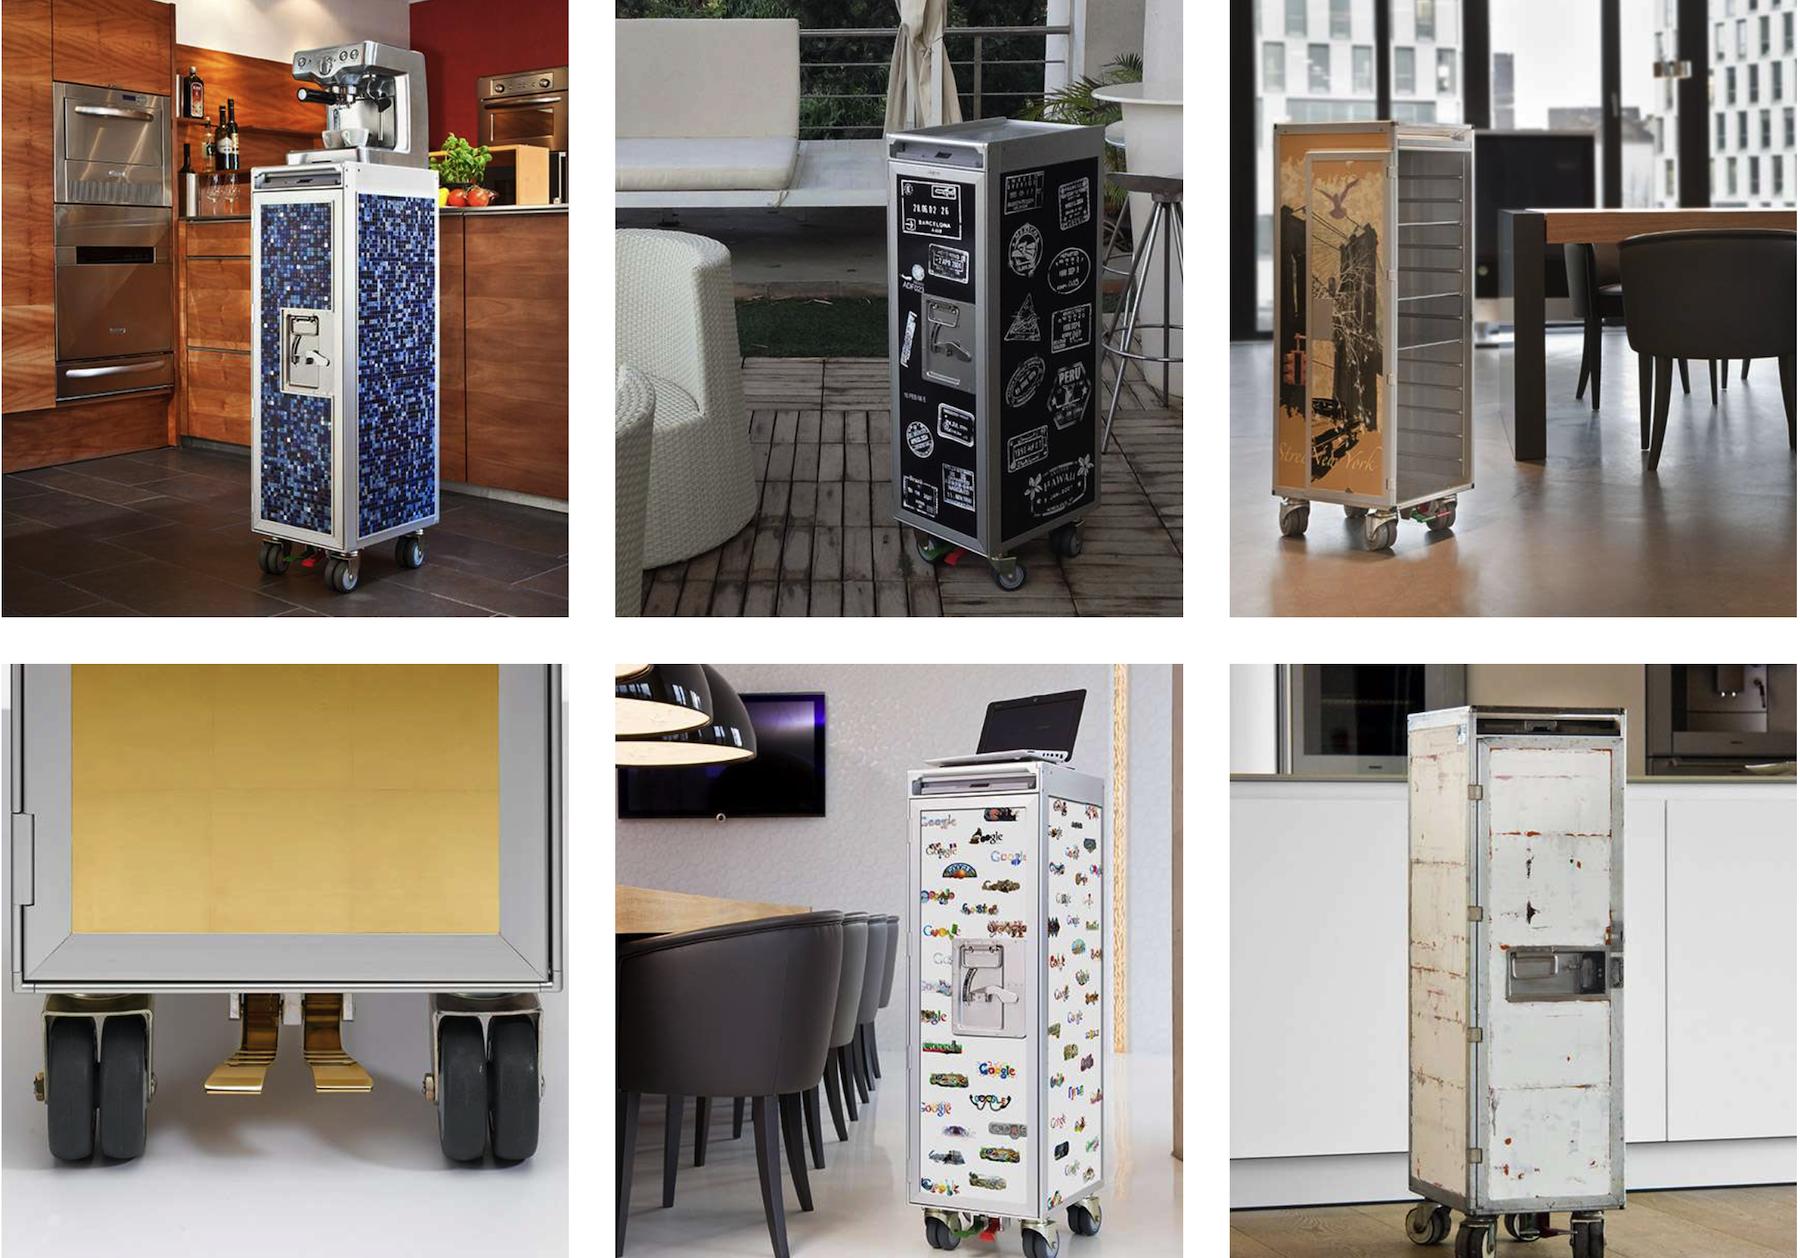 skypak-trolleys-art-designs-designer-mobile_functional_living-detail